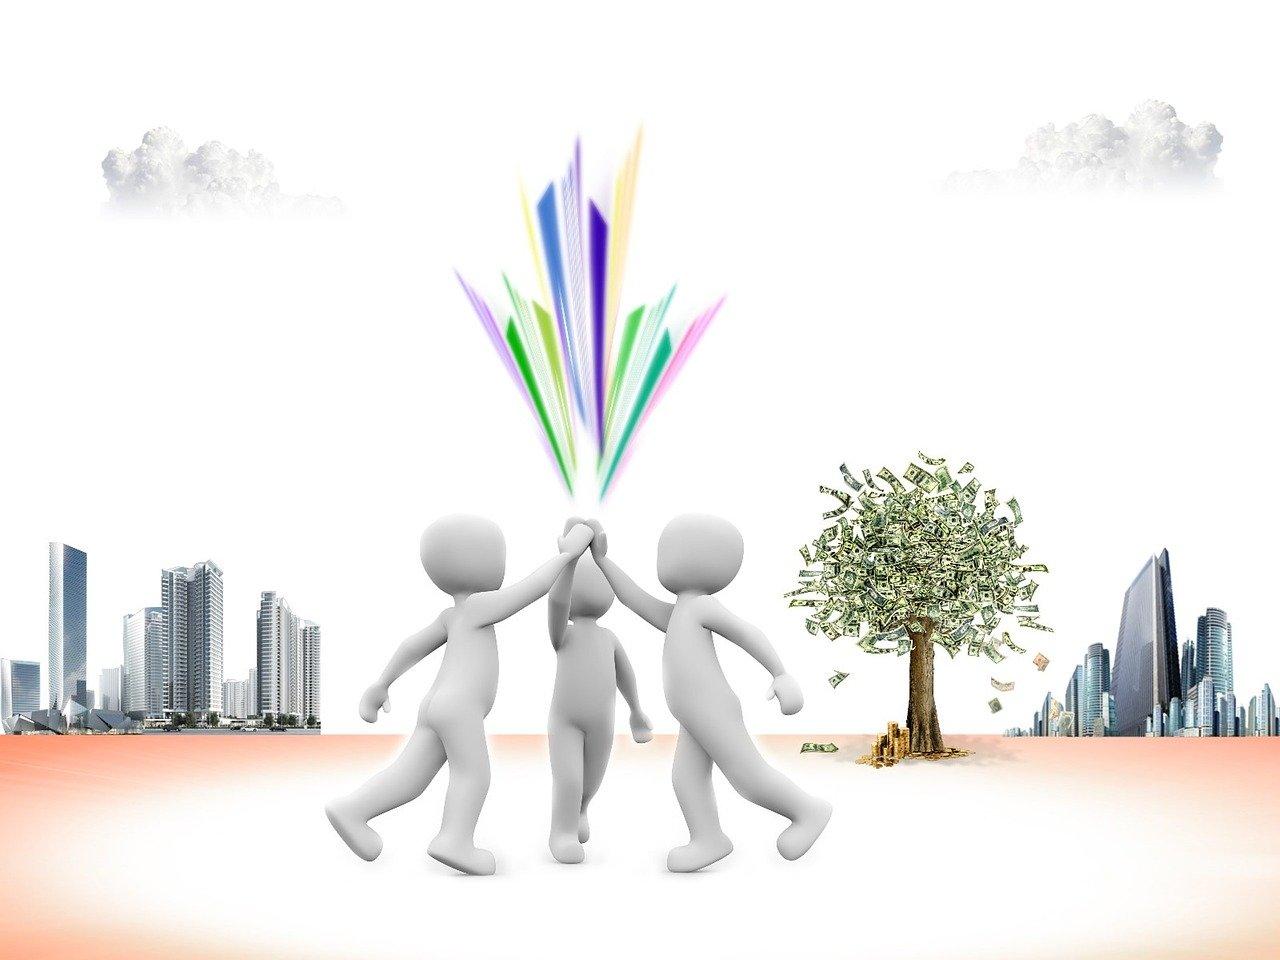 meeting, group of people, set